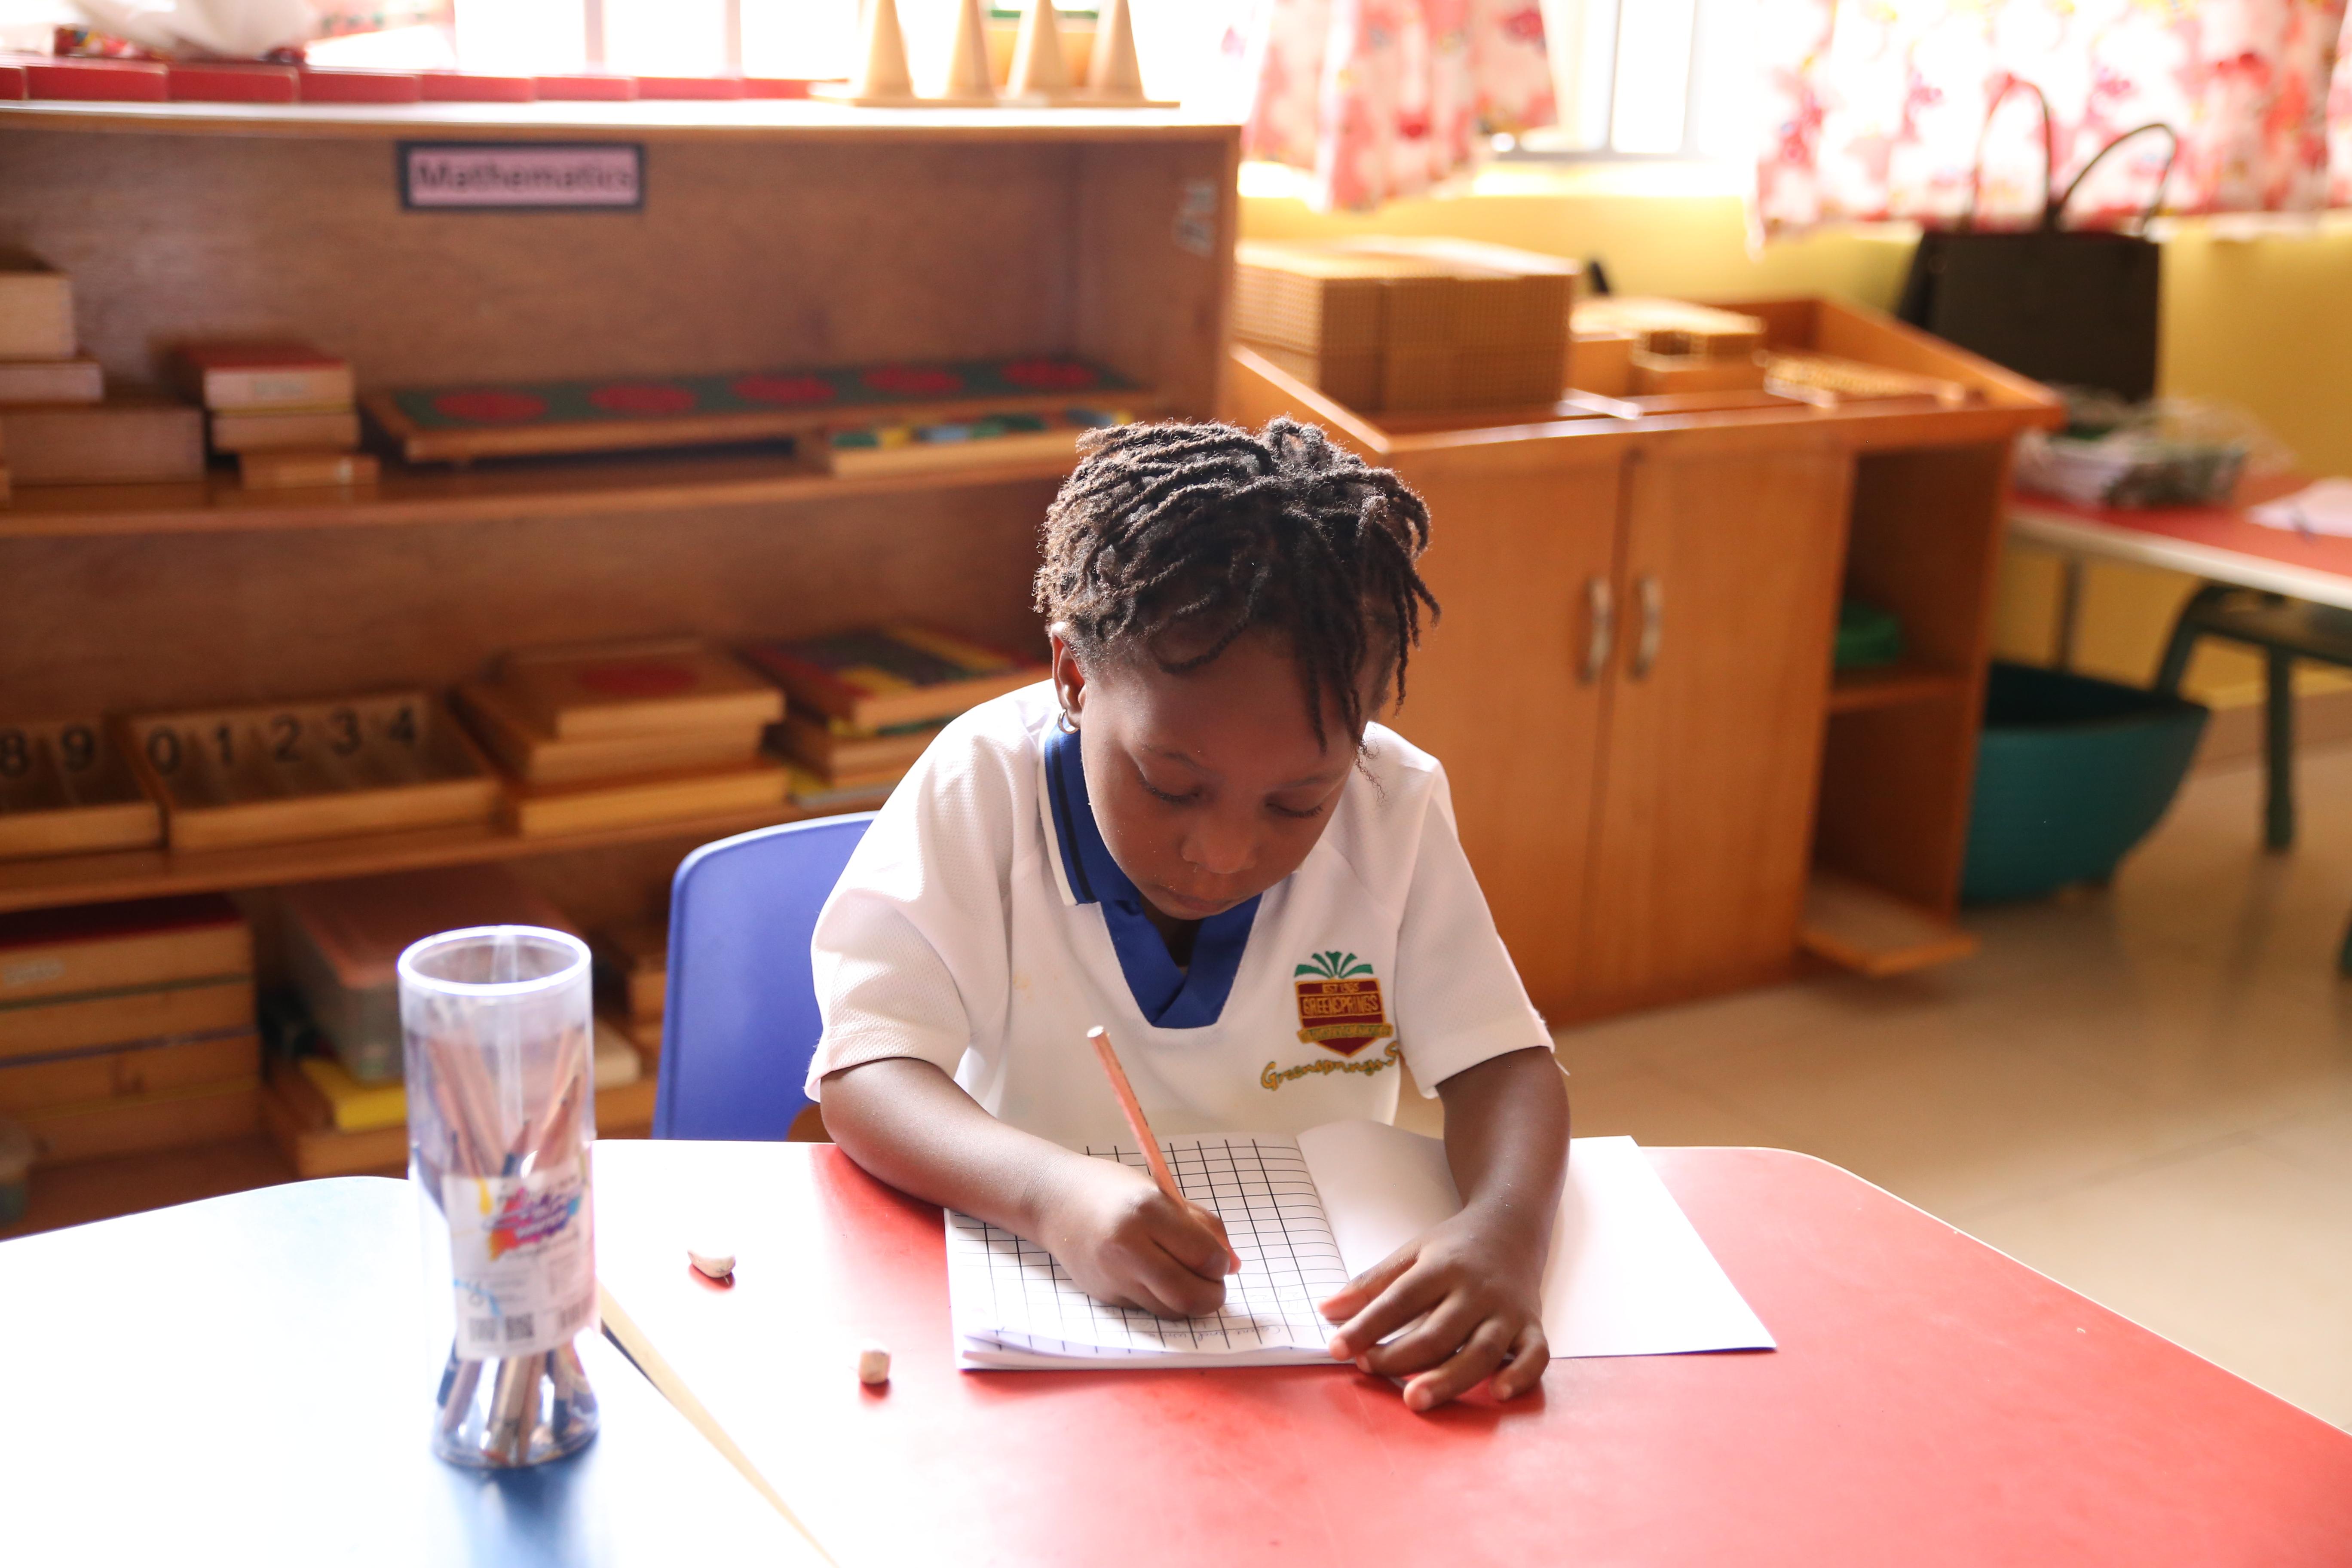 Montessori classroom in Nigeria